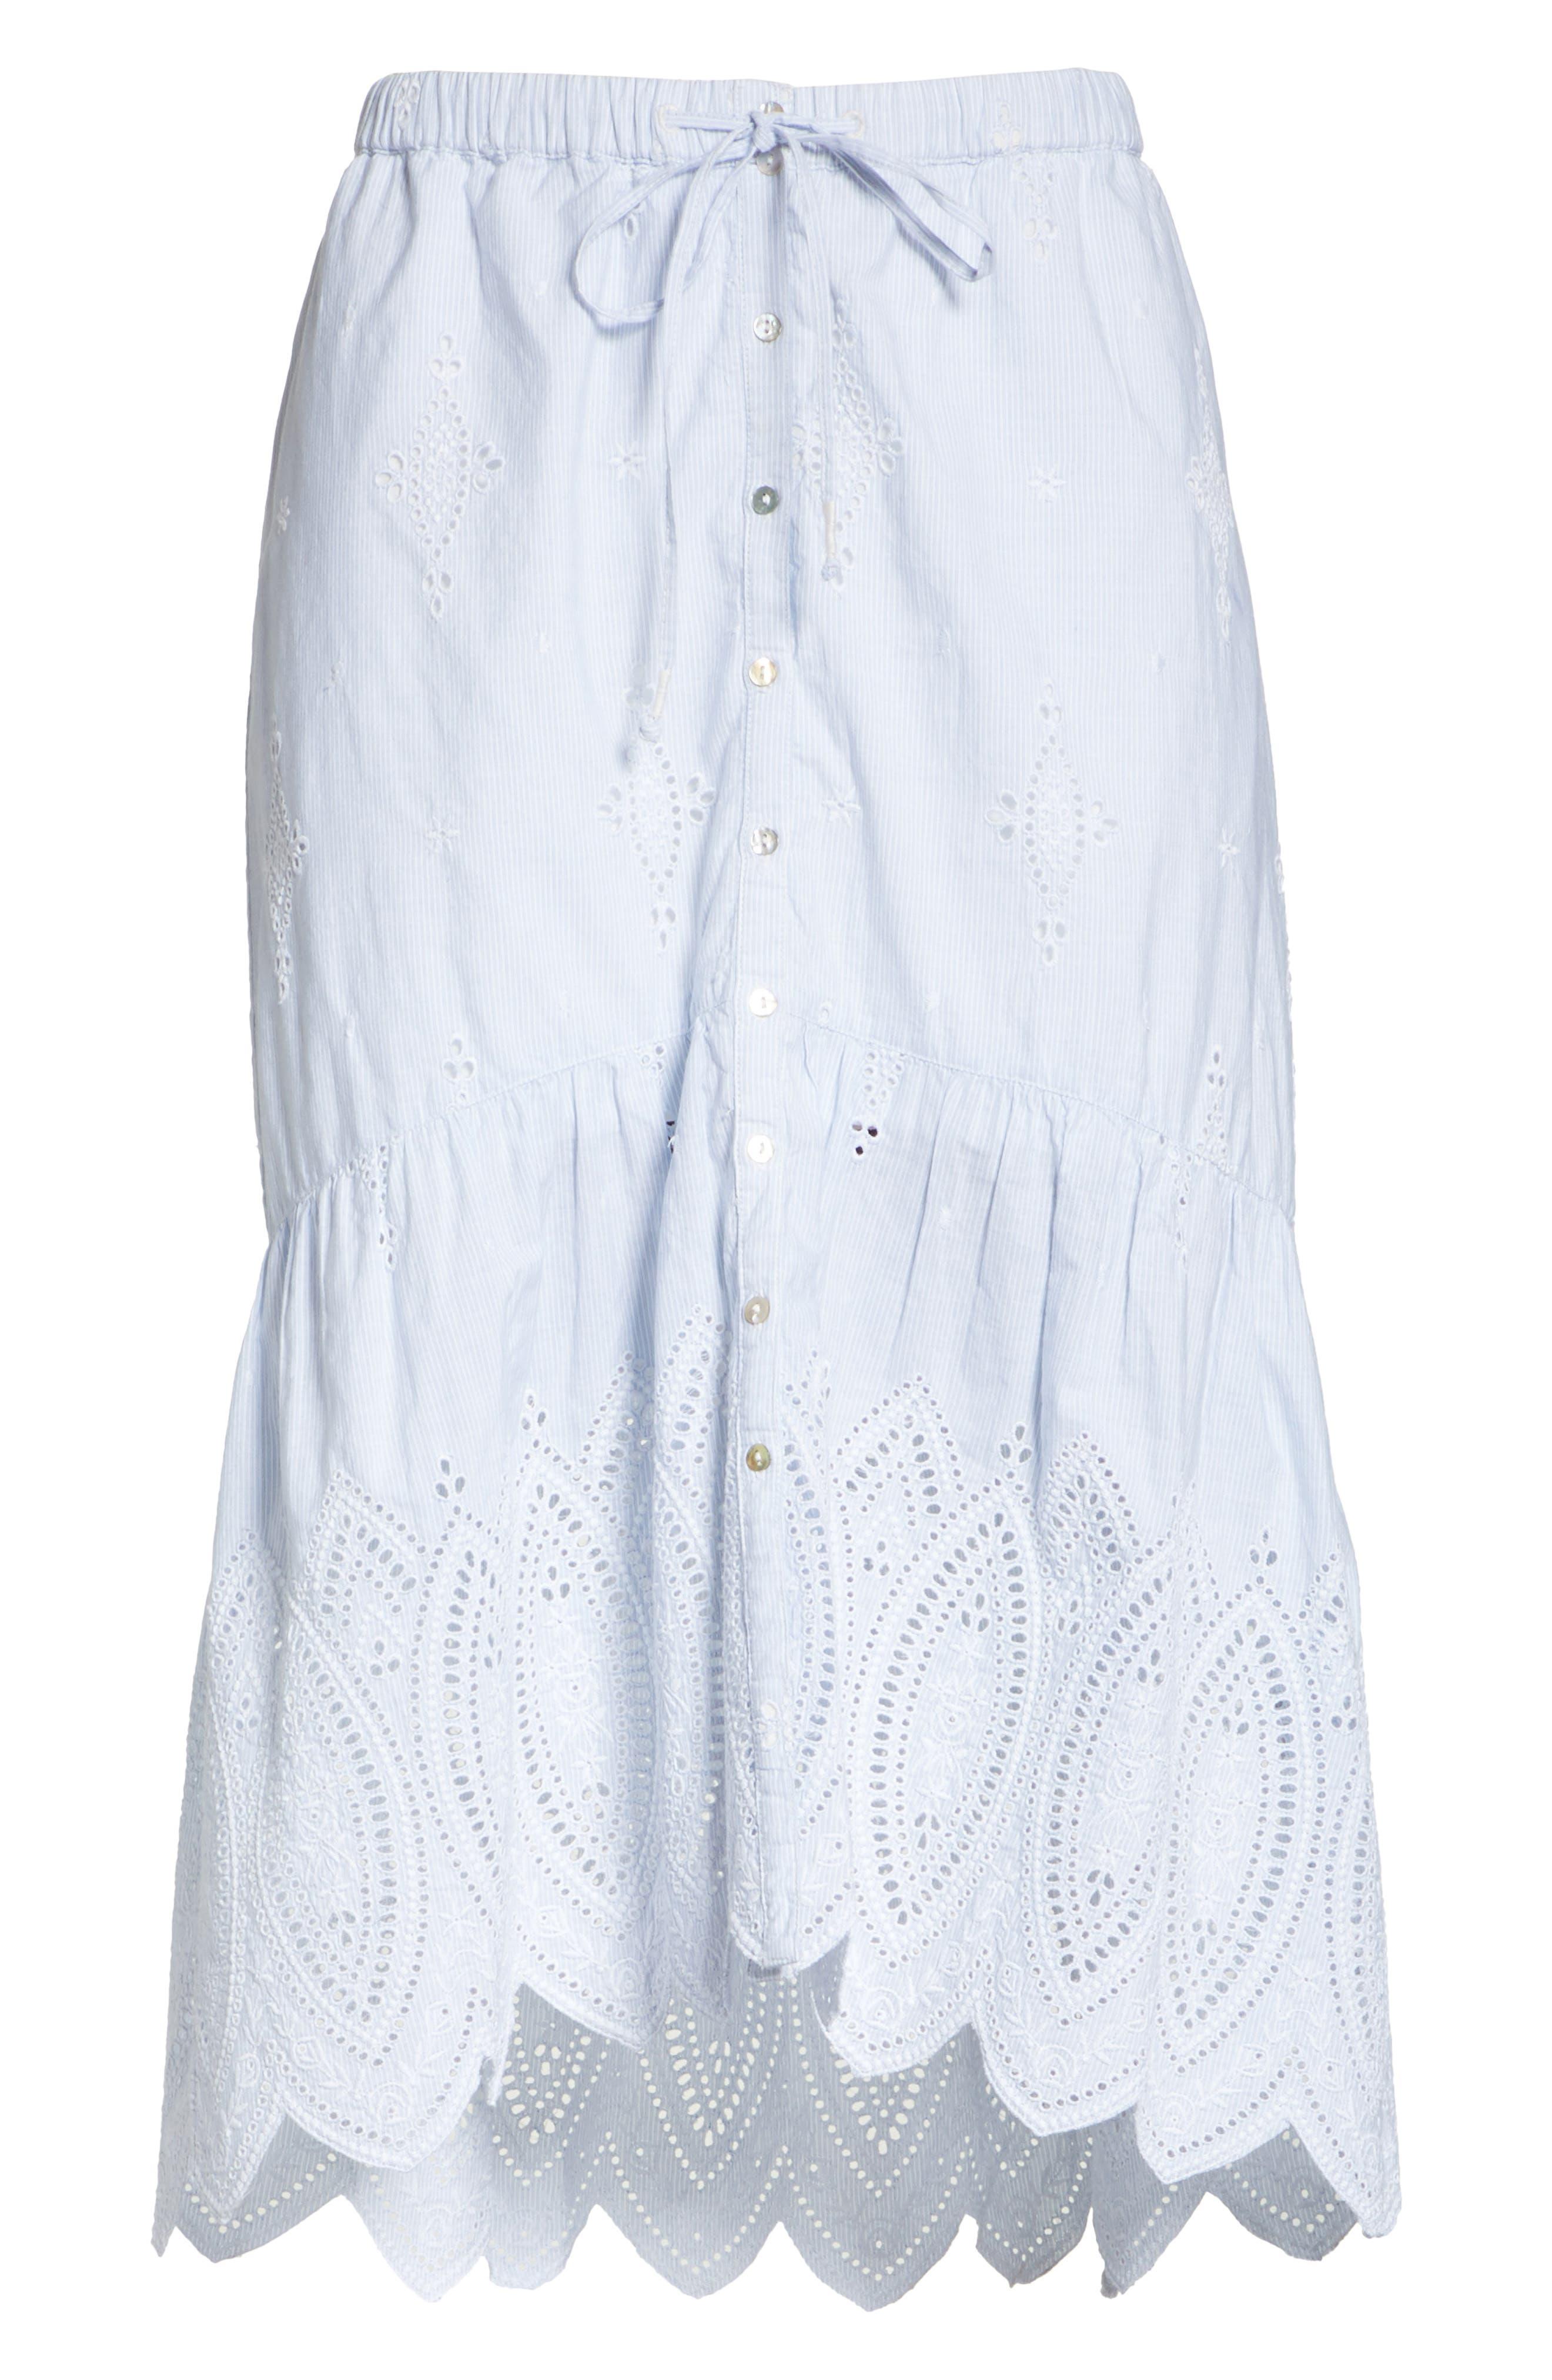 Chantoya Eyelet Scallop Hem Cotton Skirt,                             Alternate thumbnail 6, color,                             100